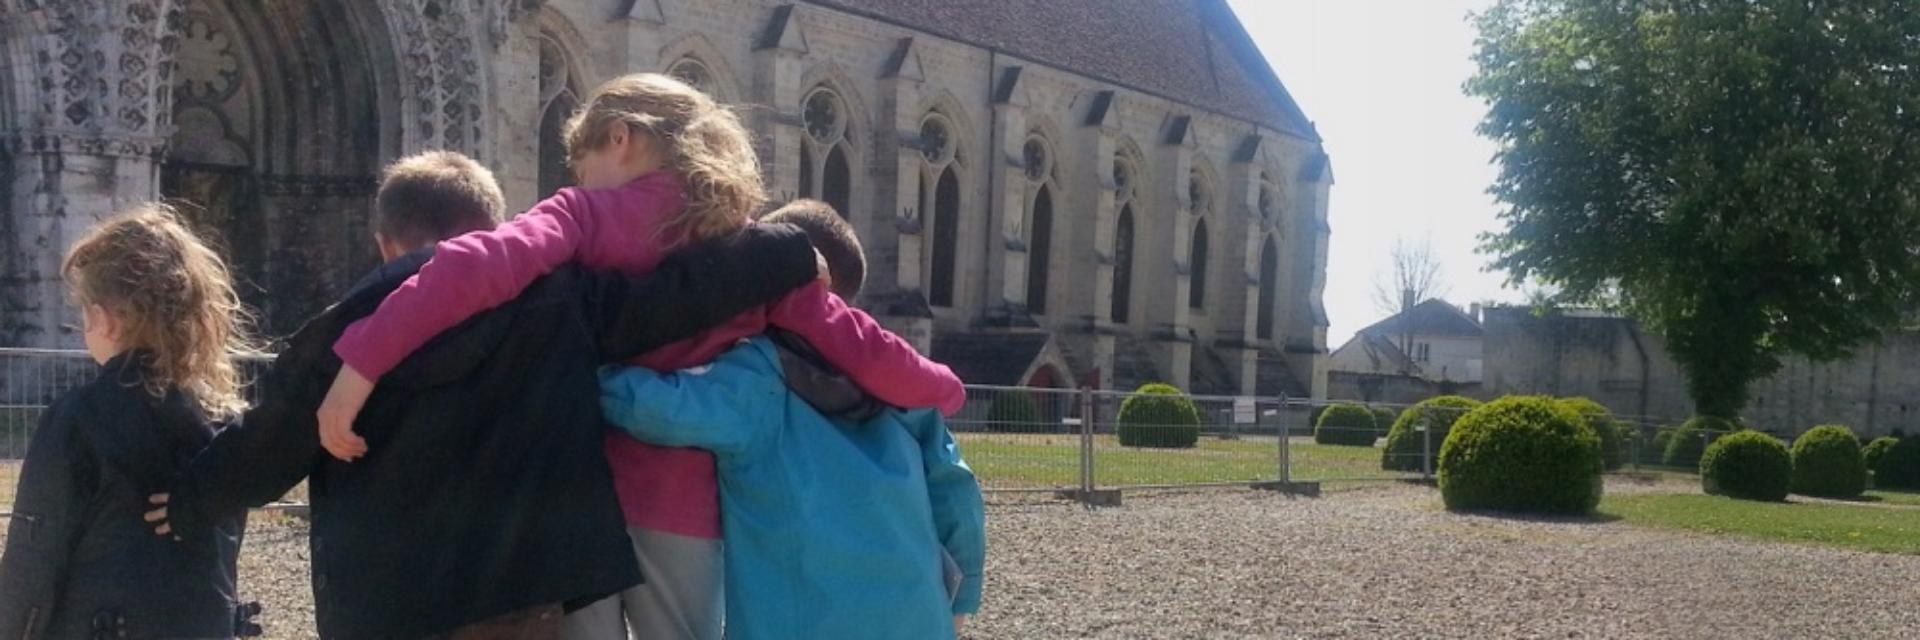 Visite avec Les Enfants < Abbaye Saint-Jean-des-Vignes < Soissons